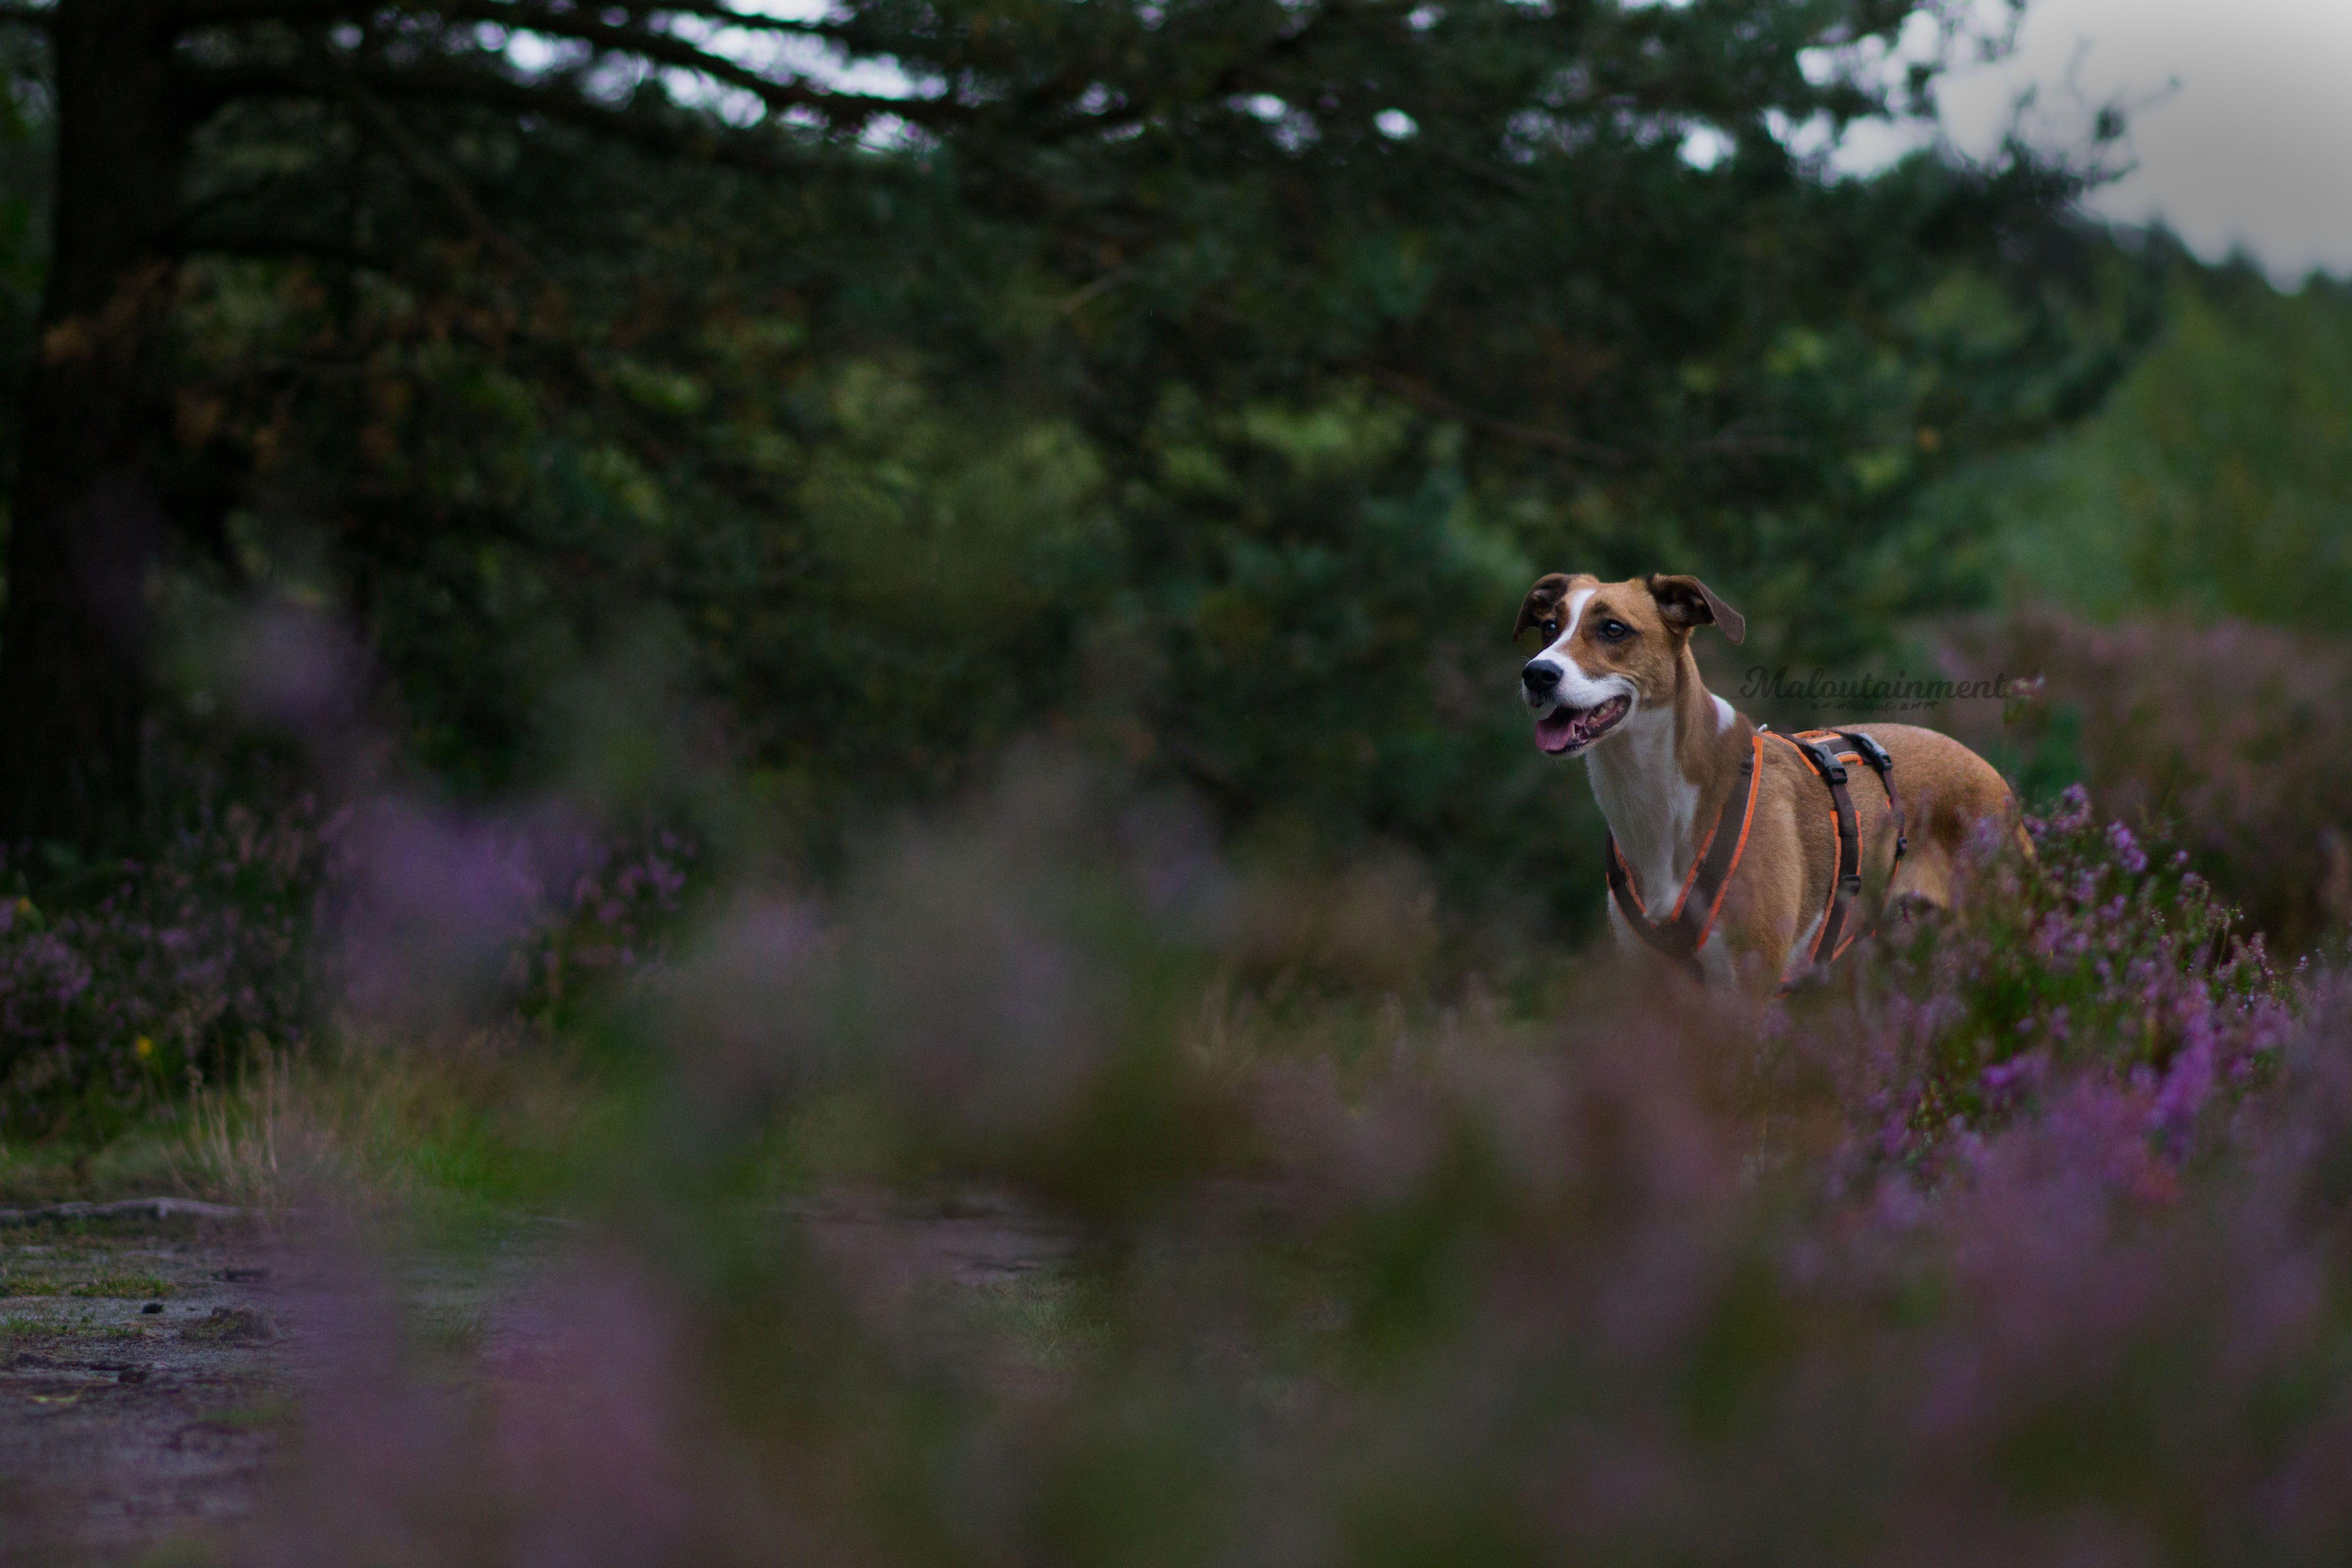 Ein Bild Aus Einem Meiner Shootings Maria Maloutainment Pferd Hund Katze Fische Aquarium Tier Animal Pet Horse Ca Bilder Fotografie Tiere